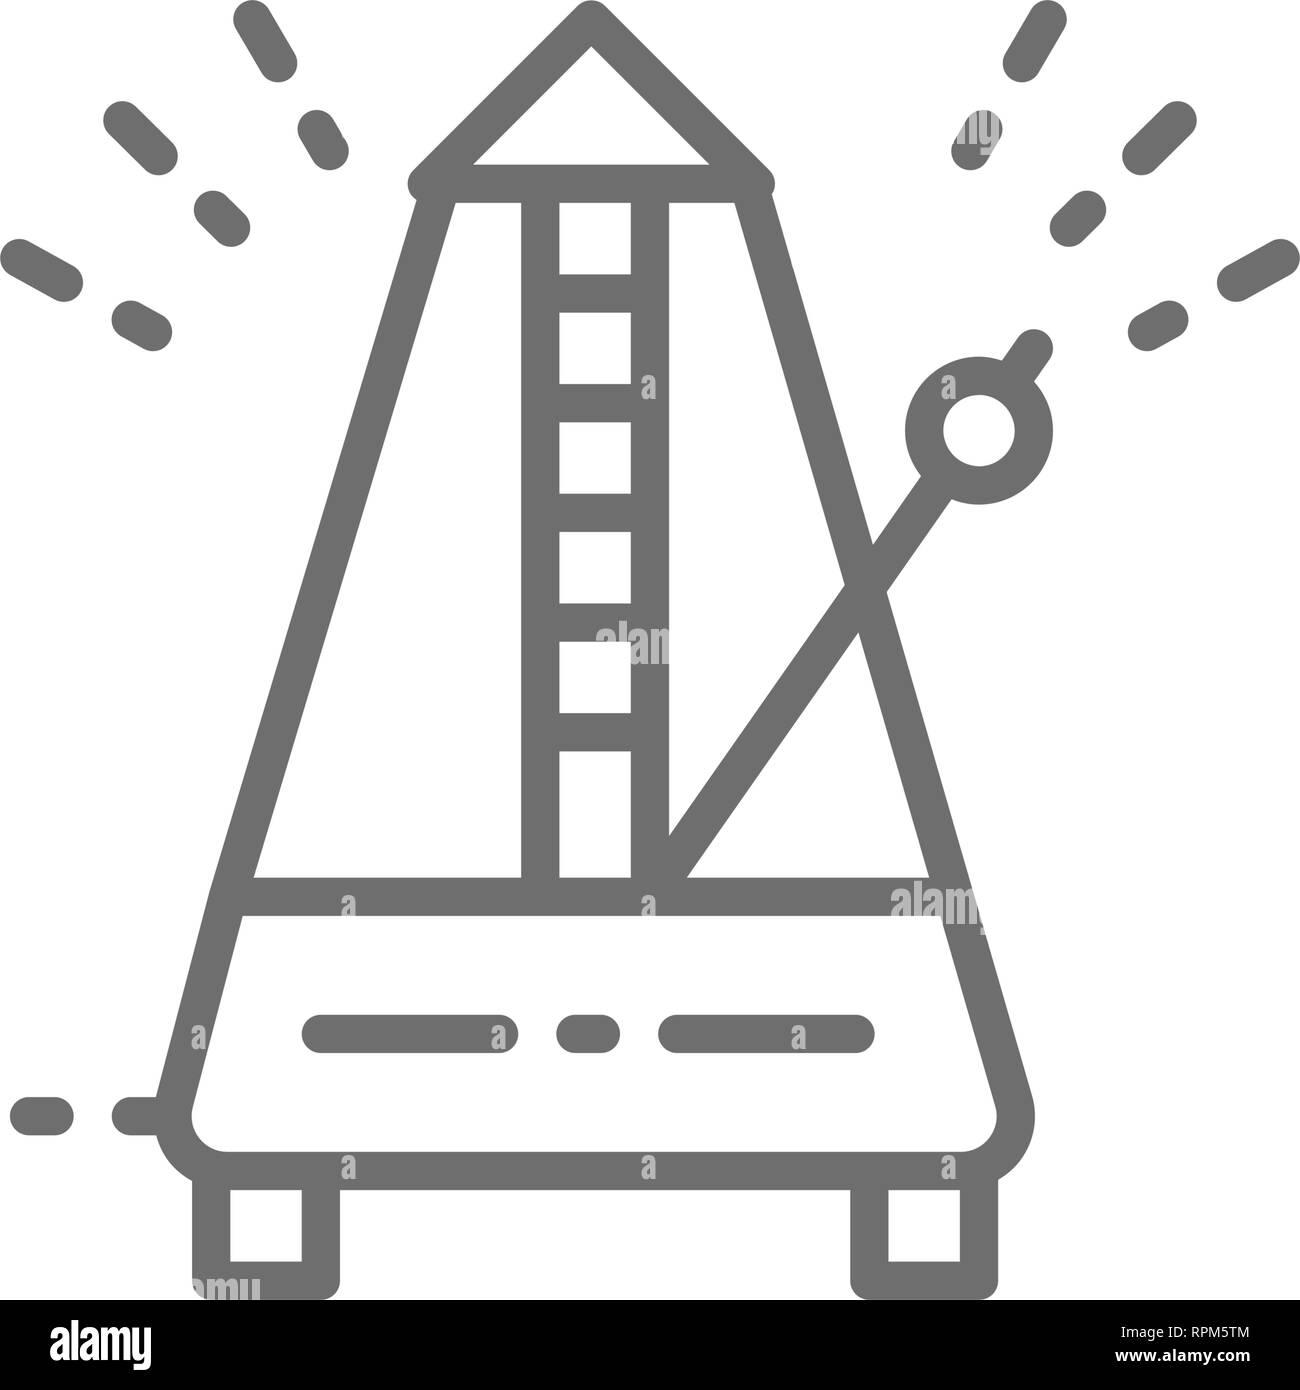 Metronome, rhythm line icon. Isolated on white background - Stock Image